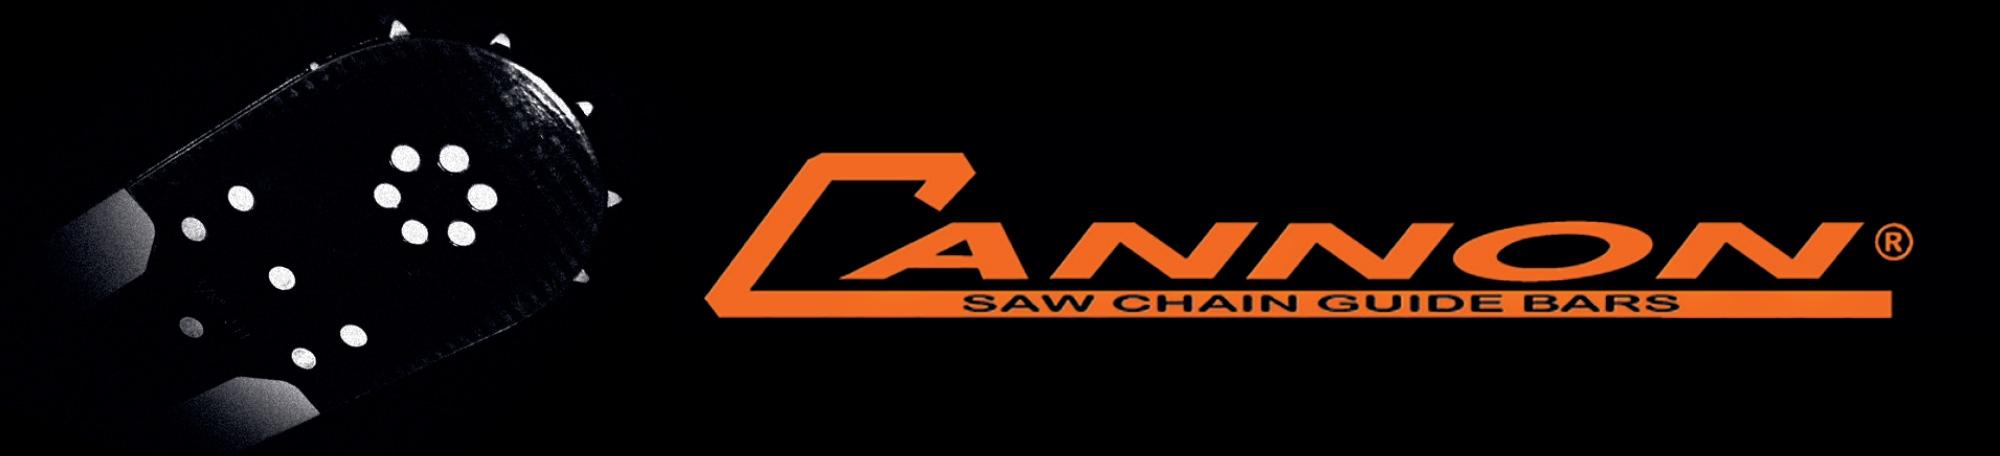 Cannon - Redskapsboden.se